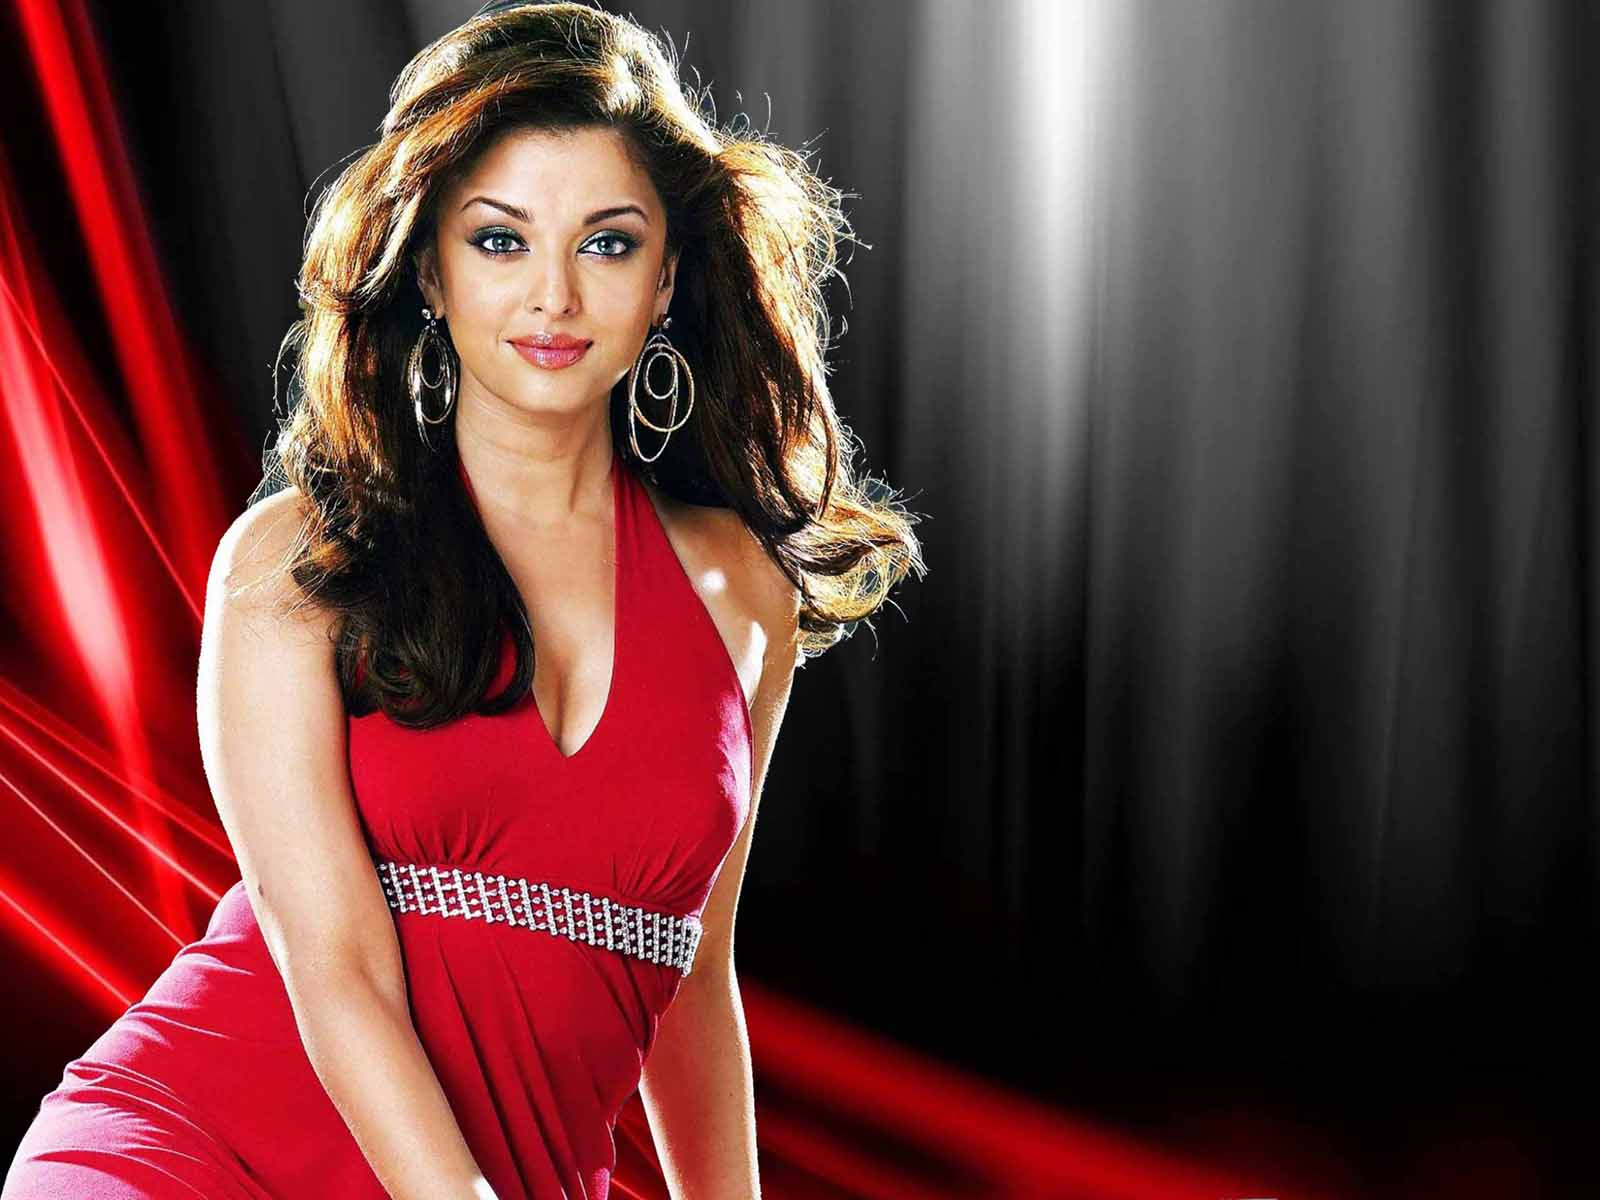 расскажу посмотреть фото индийских актрис новых петунии растут медленнее